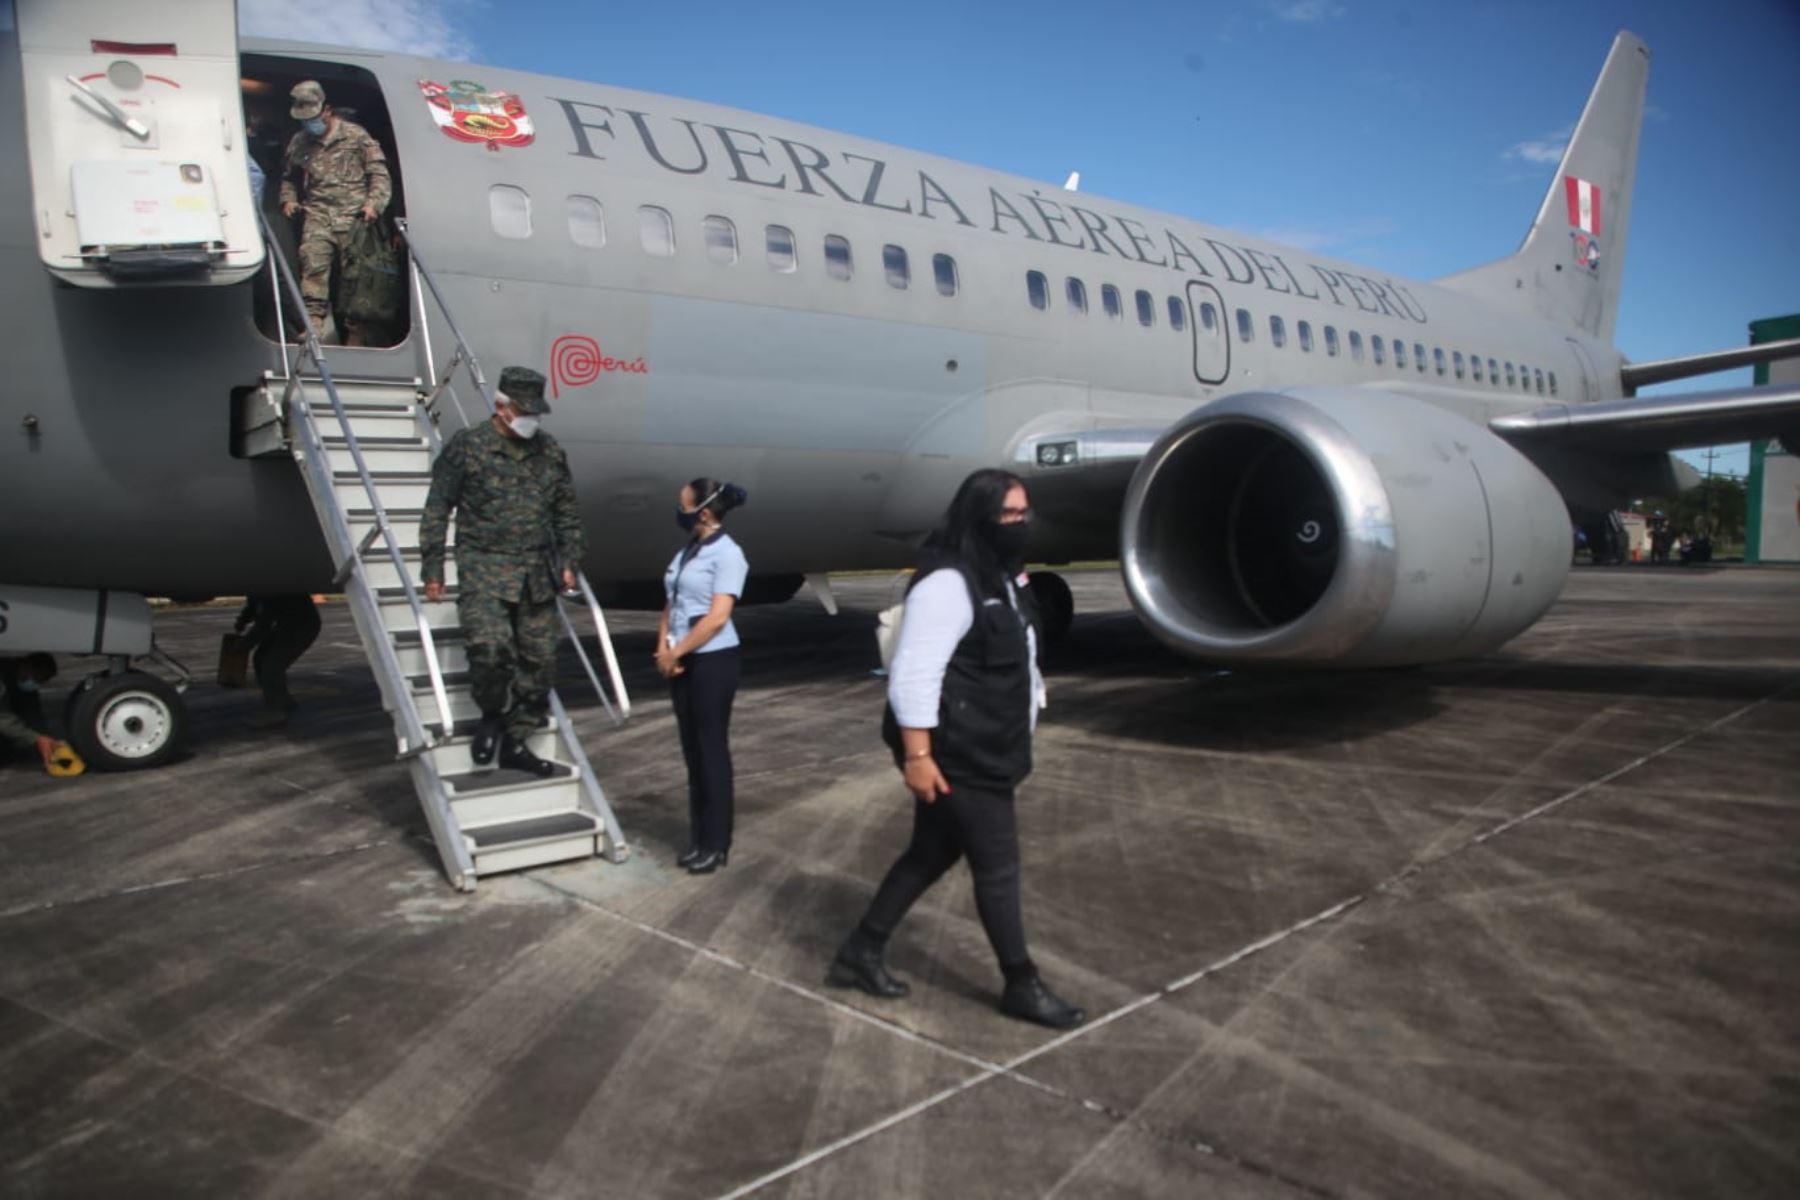 La ministra de Defensa, Nuria Eparch, llega a Iquitos para supervisar la vacunación contra la covid-19, en el destacamento naval El Estrecho. Brigada de médicos de la Marina de Guerra ya está lista para la jornada de inmunización. Foto: MINDEF